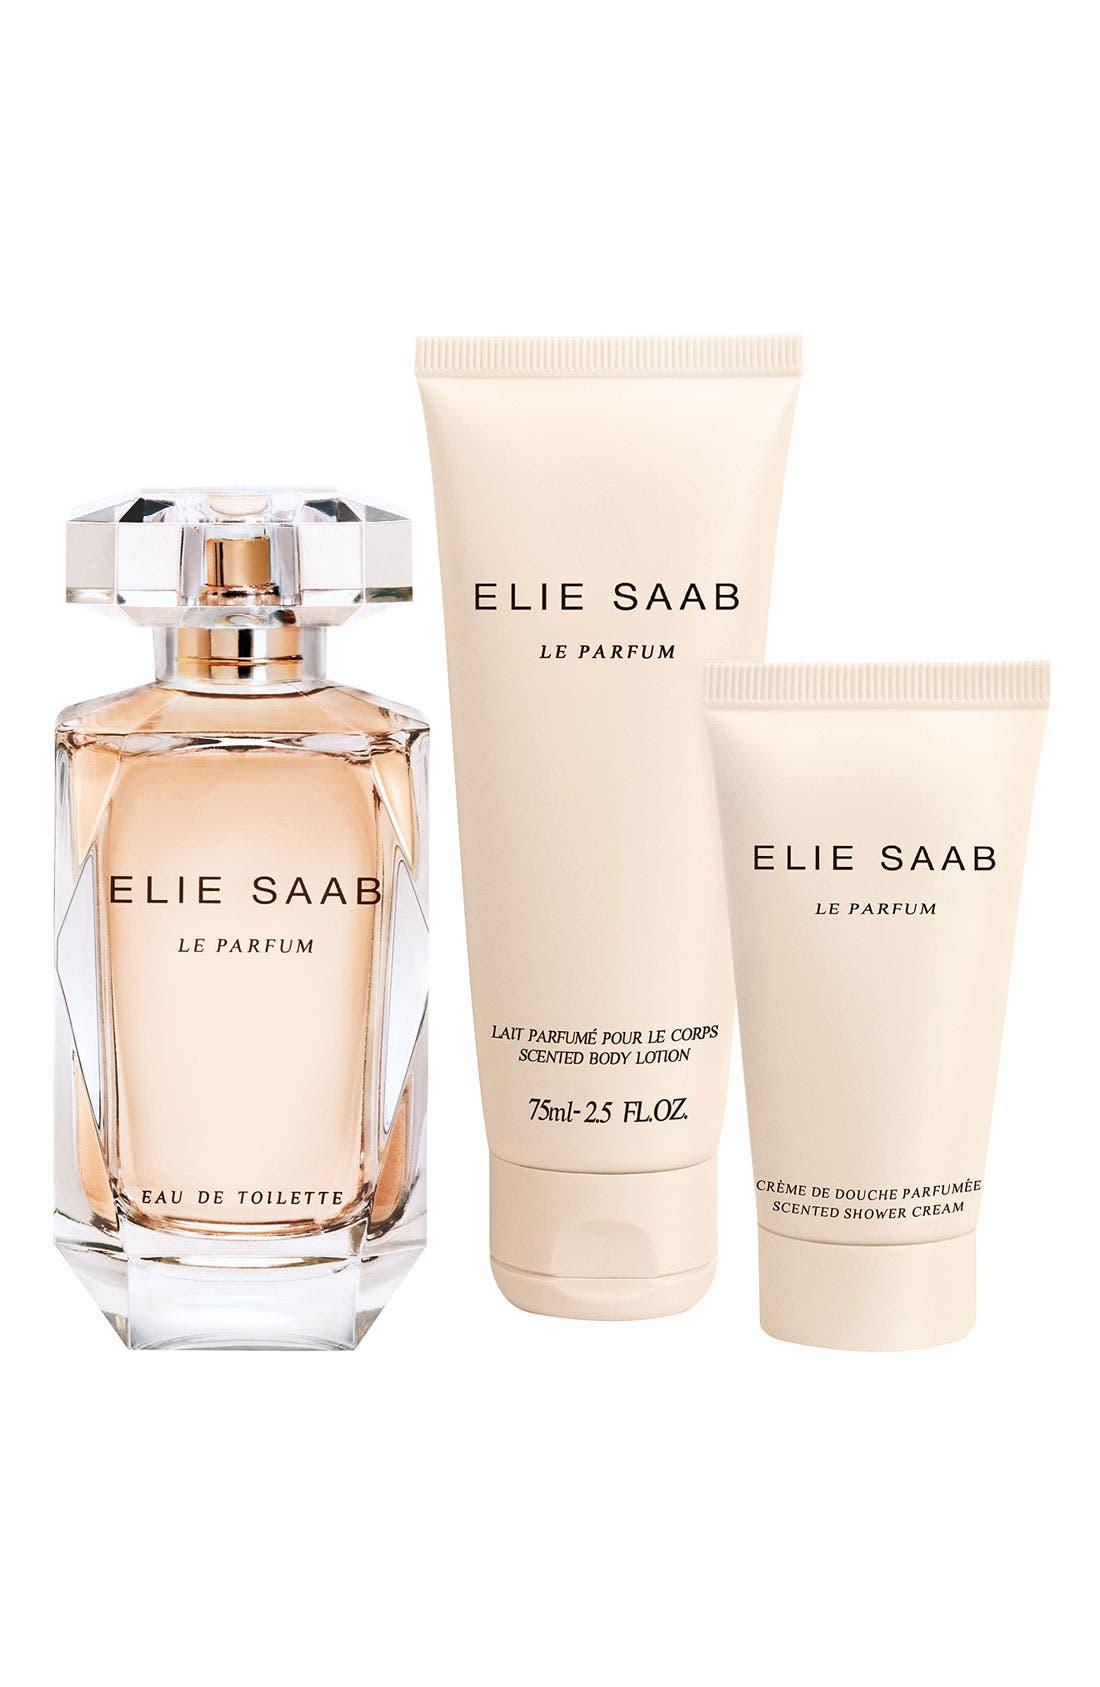 Alternate Image 1 Selected - Elie Saab 'Le Parfum' Eau de Toilette Gift Set